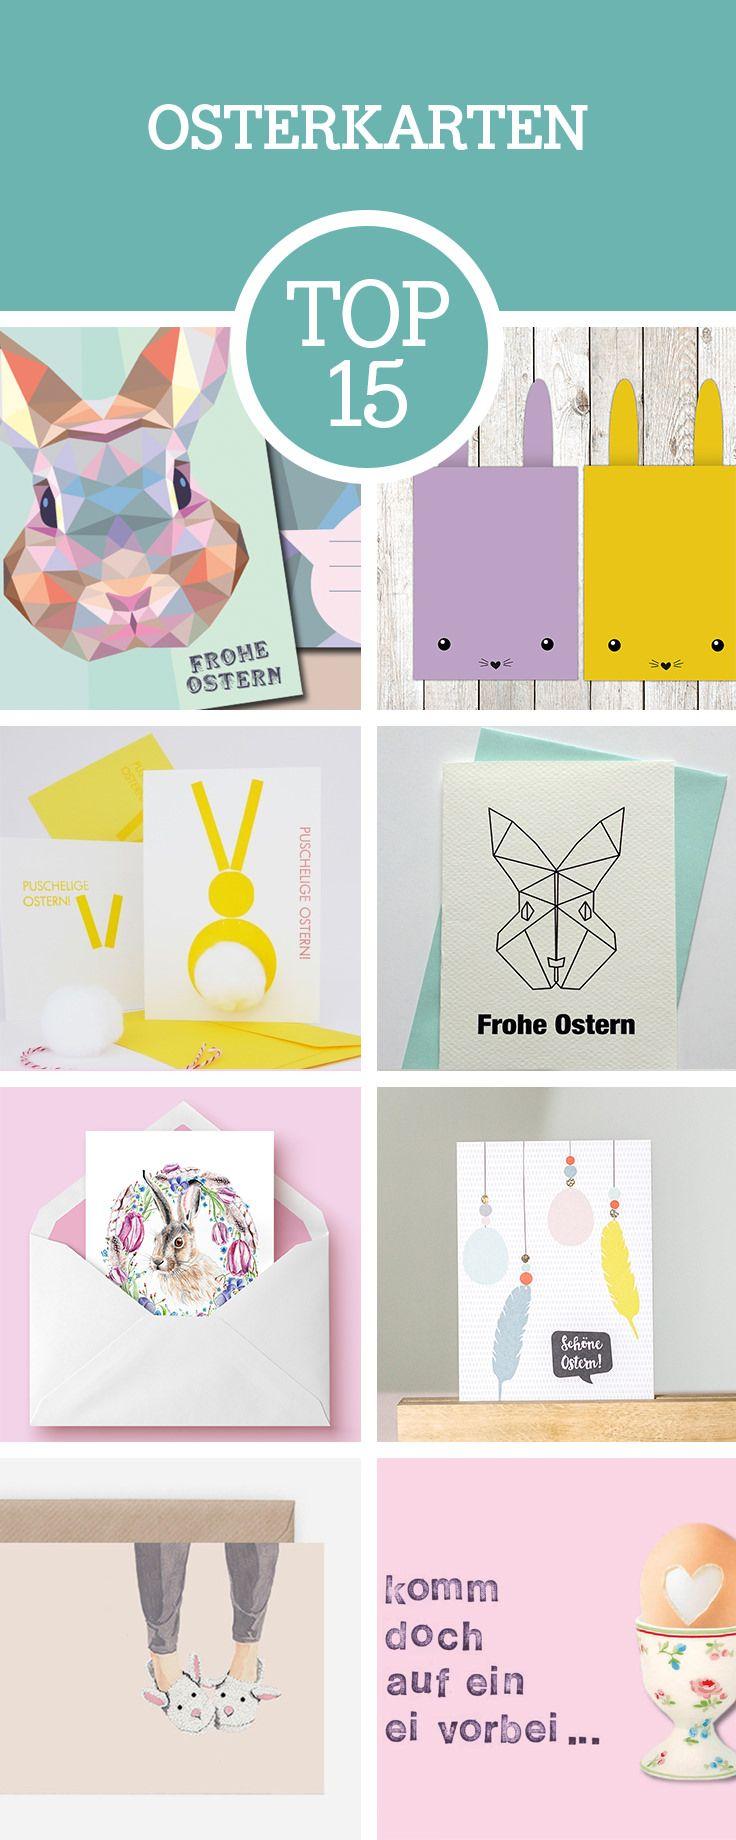 Deko und Grüße für Ostern: Wir zeigen Dir unsere Top 15 Lieblinge für Osterkarten / top 15 Easter greeting cards via DaWanda.com